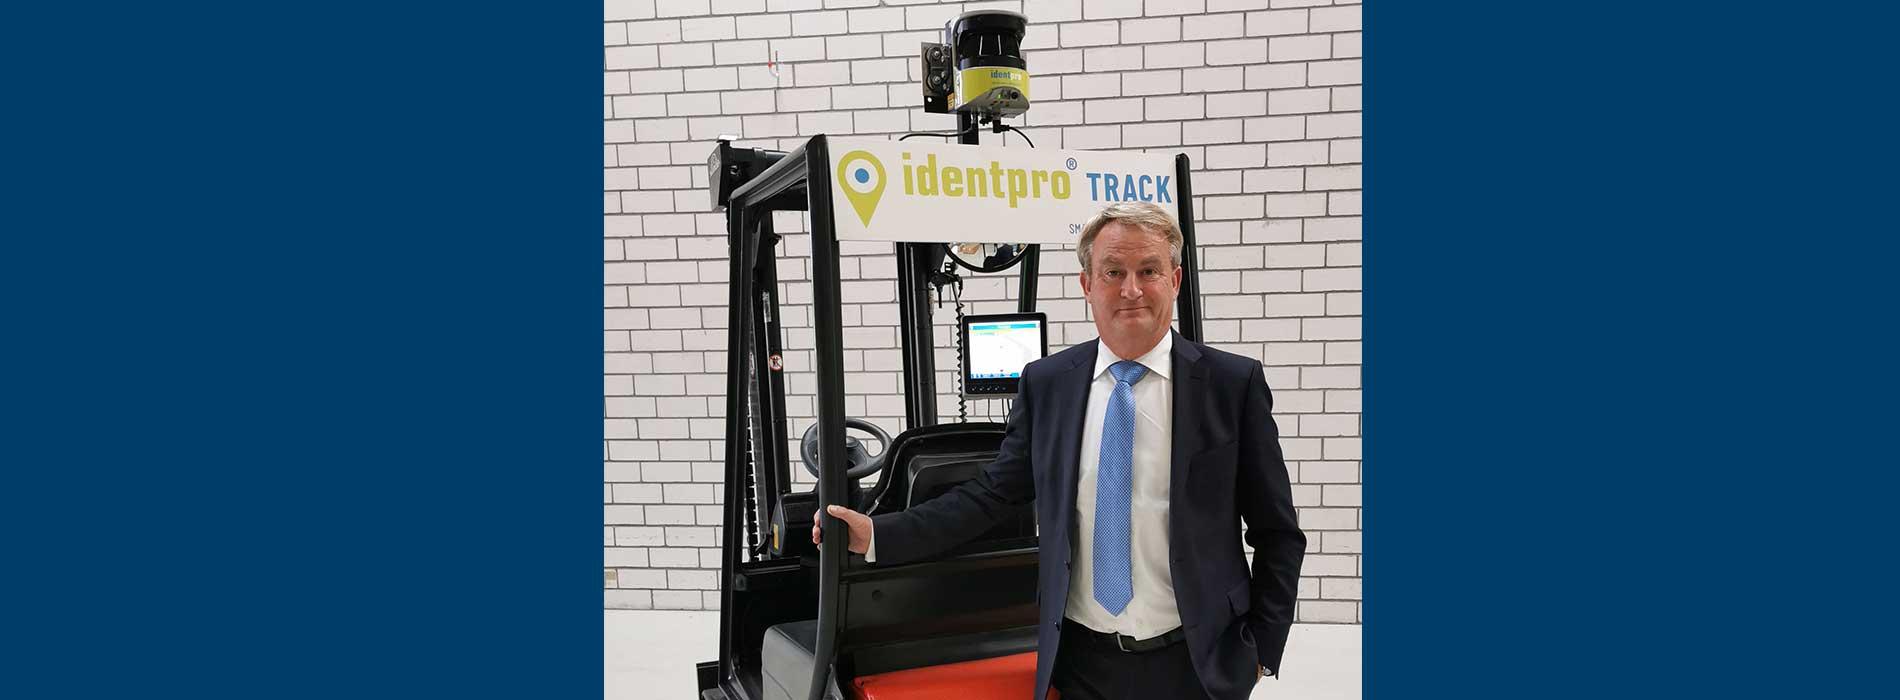 Erik van Rikxoort mit IdentPro Staplerlösung für warehouse optimization